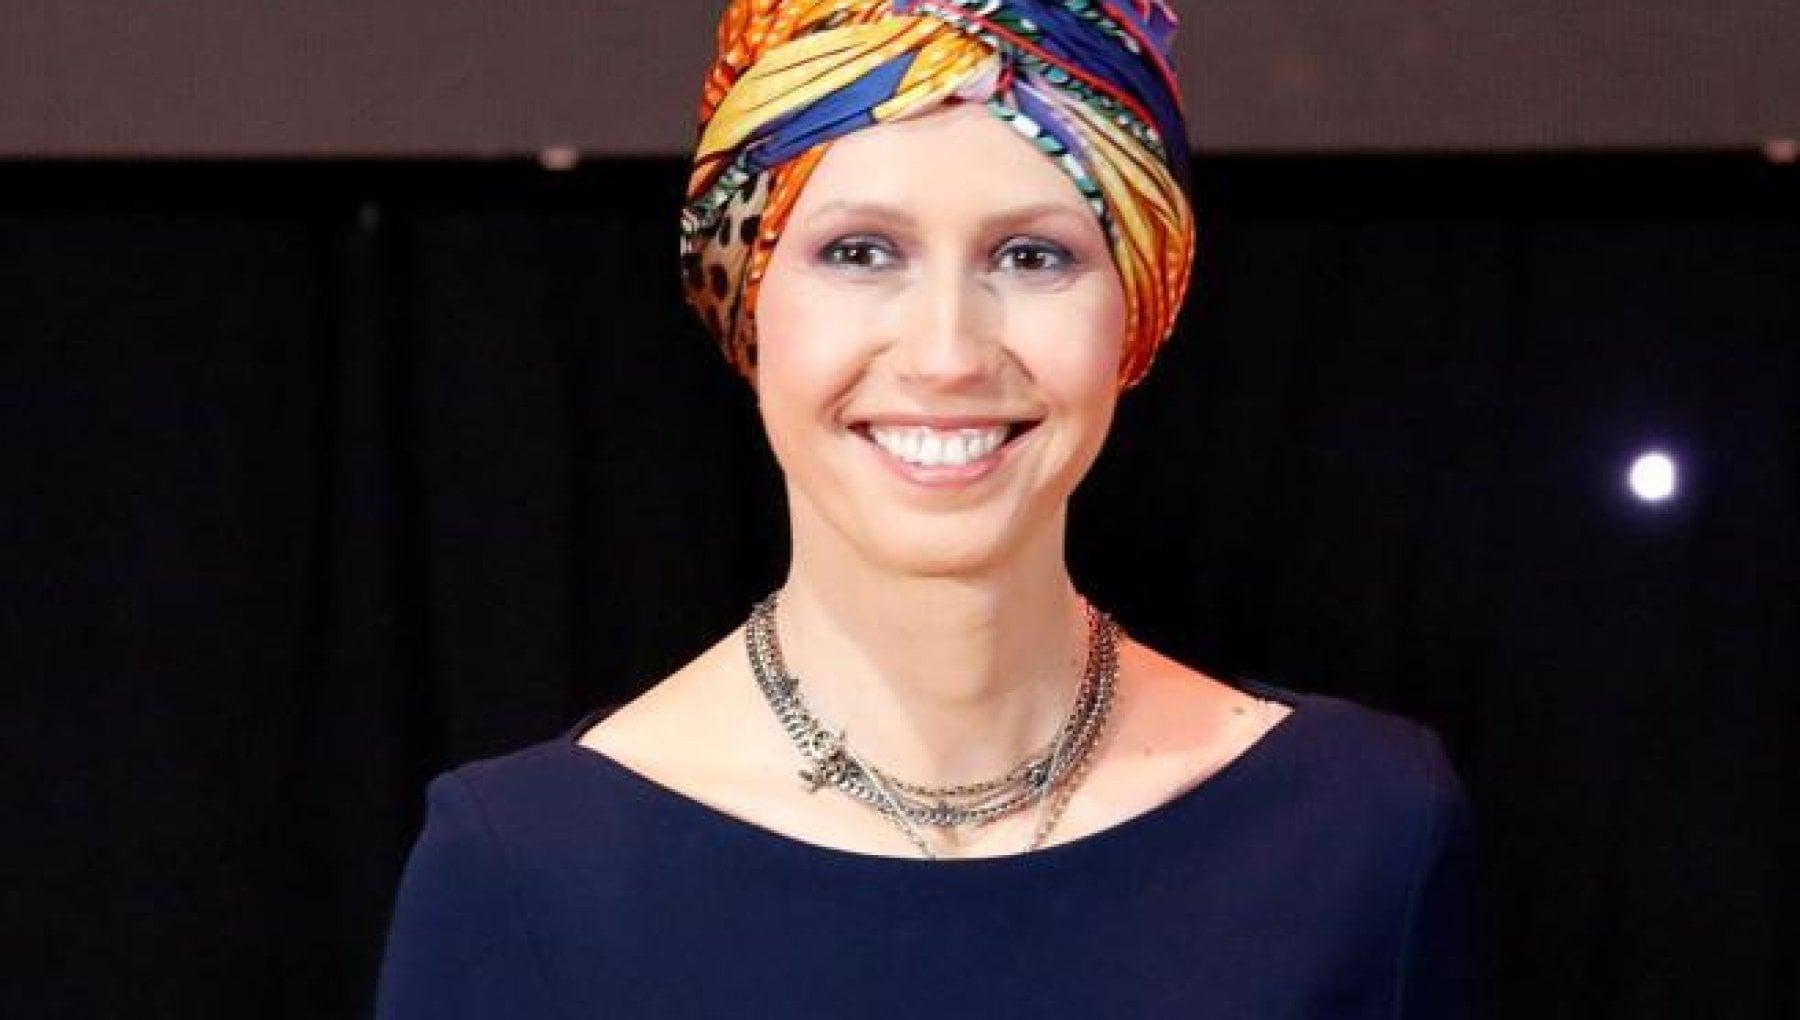 123220328 f42910c2 ec6a 45b7 b4e0 f04c2fea0efa - Siria: Gran Bretagna indaga Asma Assad per crimini di guerra